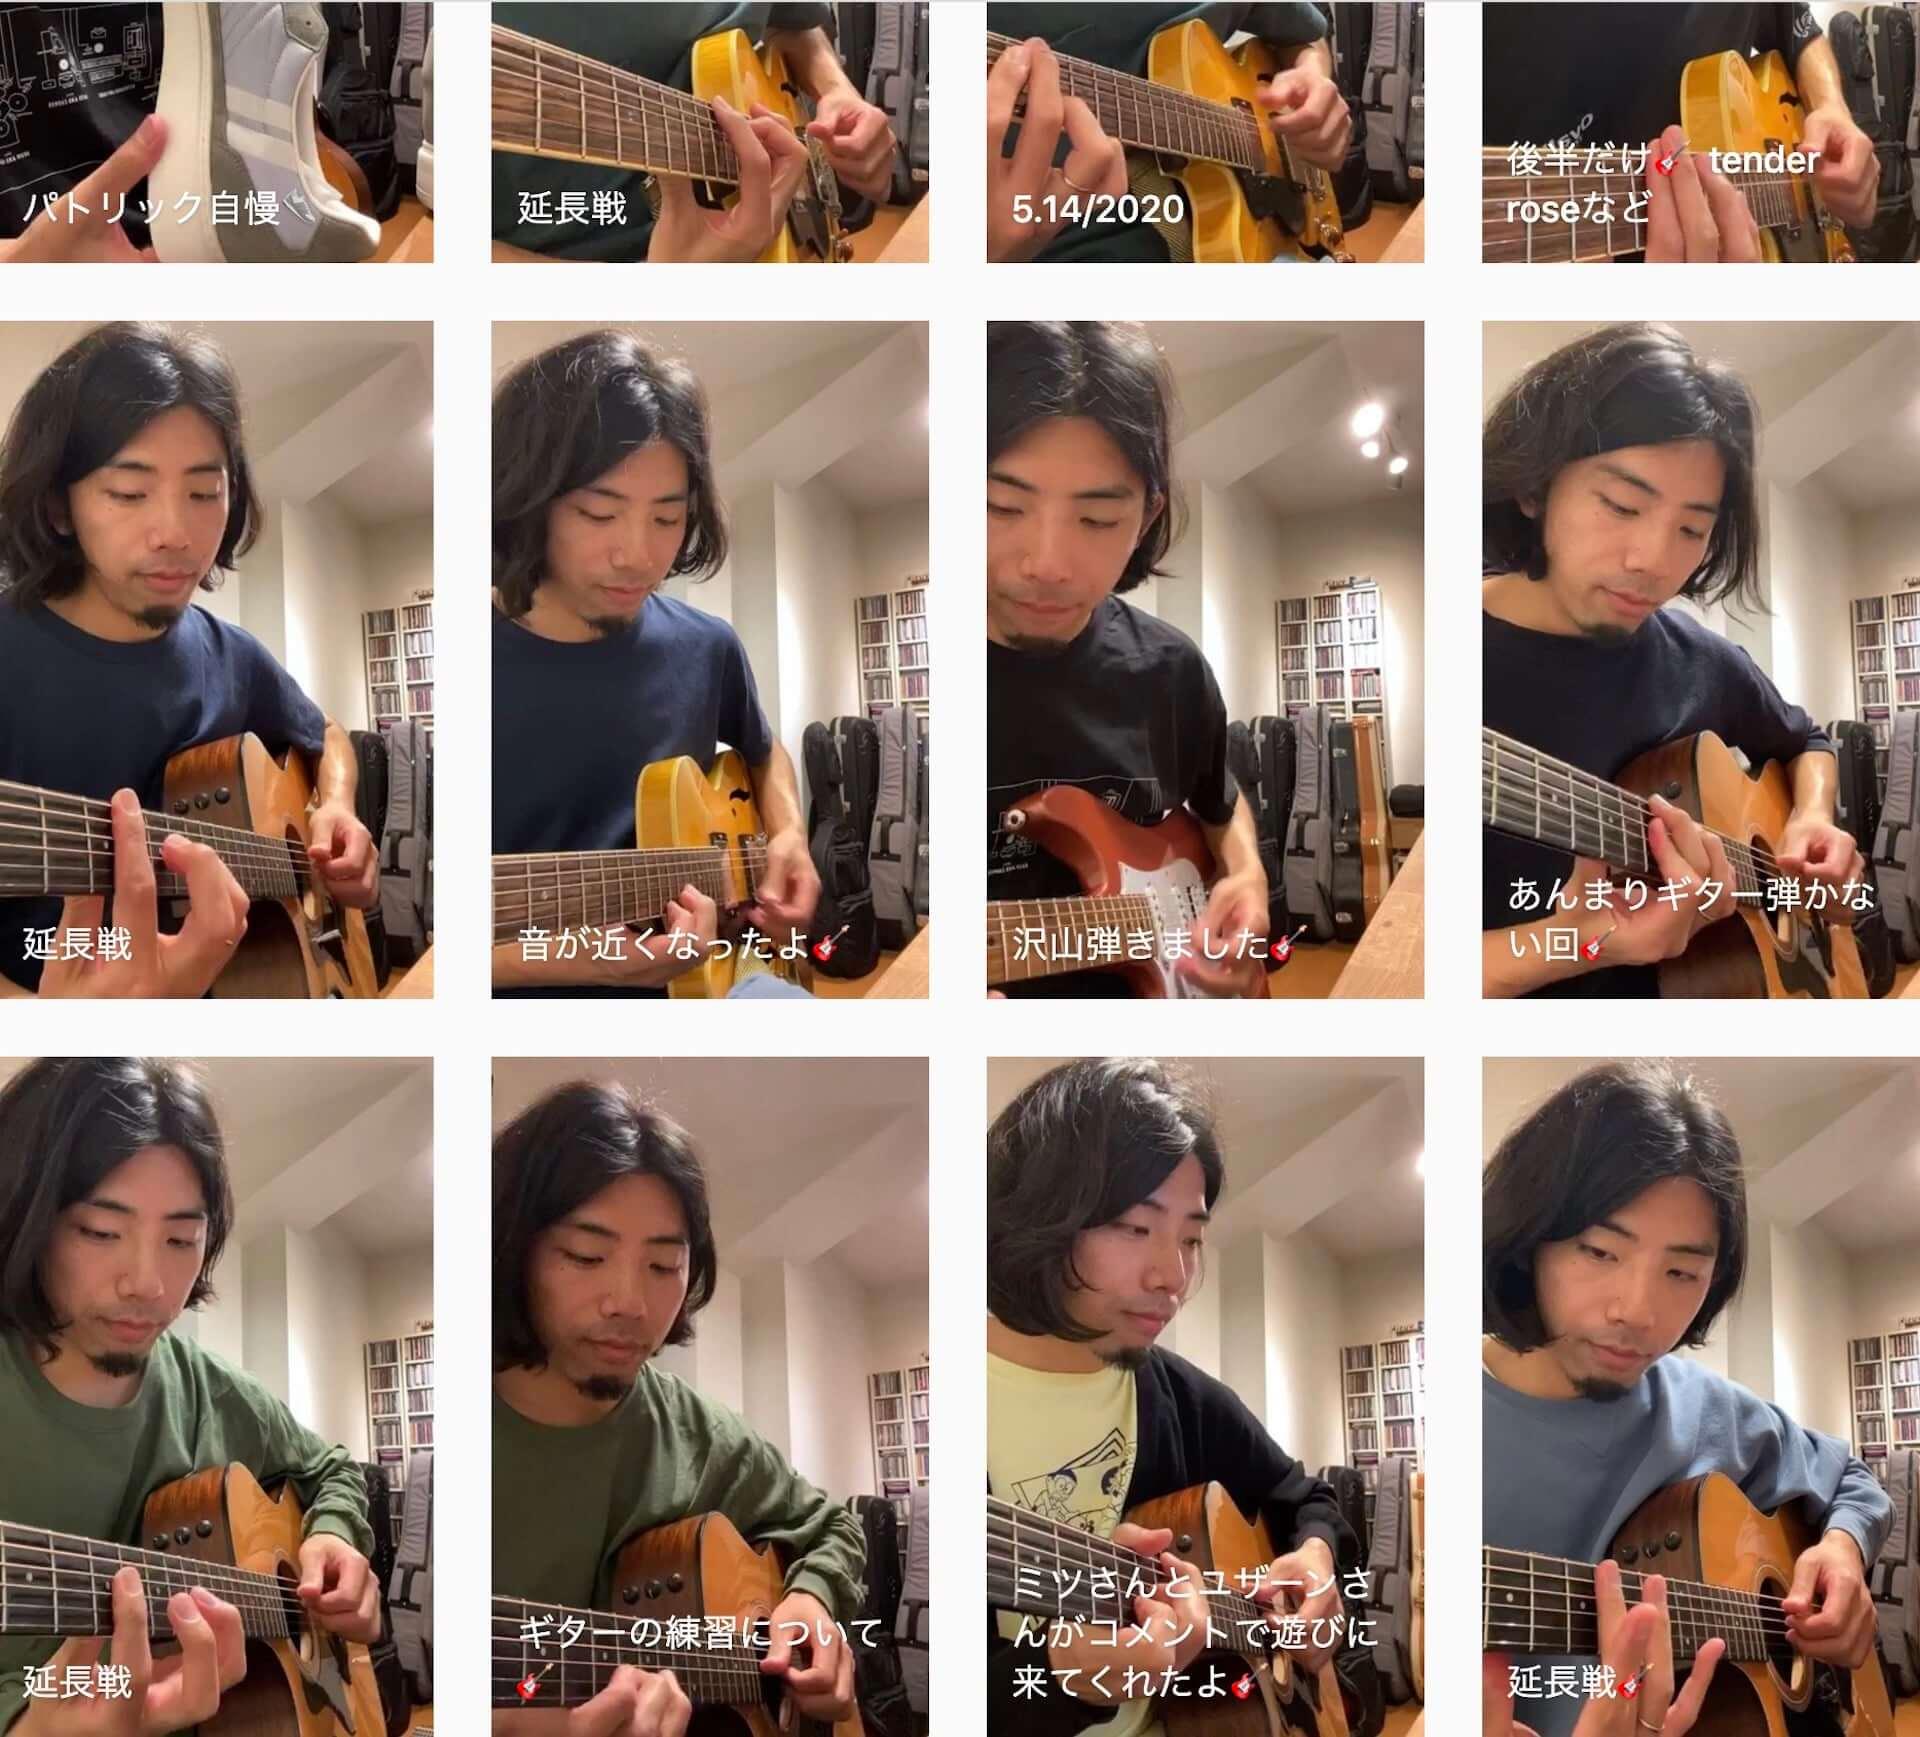 Ovallの関口シンゴがインスタライブ64日連続記録を達成!U-zhaan、Kan Sanoらのゲスト登場やリクエストプレゼントも music200603_sekiguchishingo_01-1920x1737